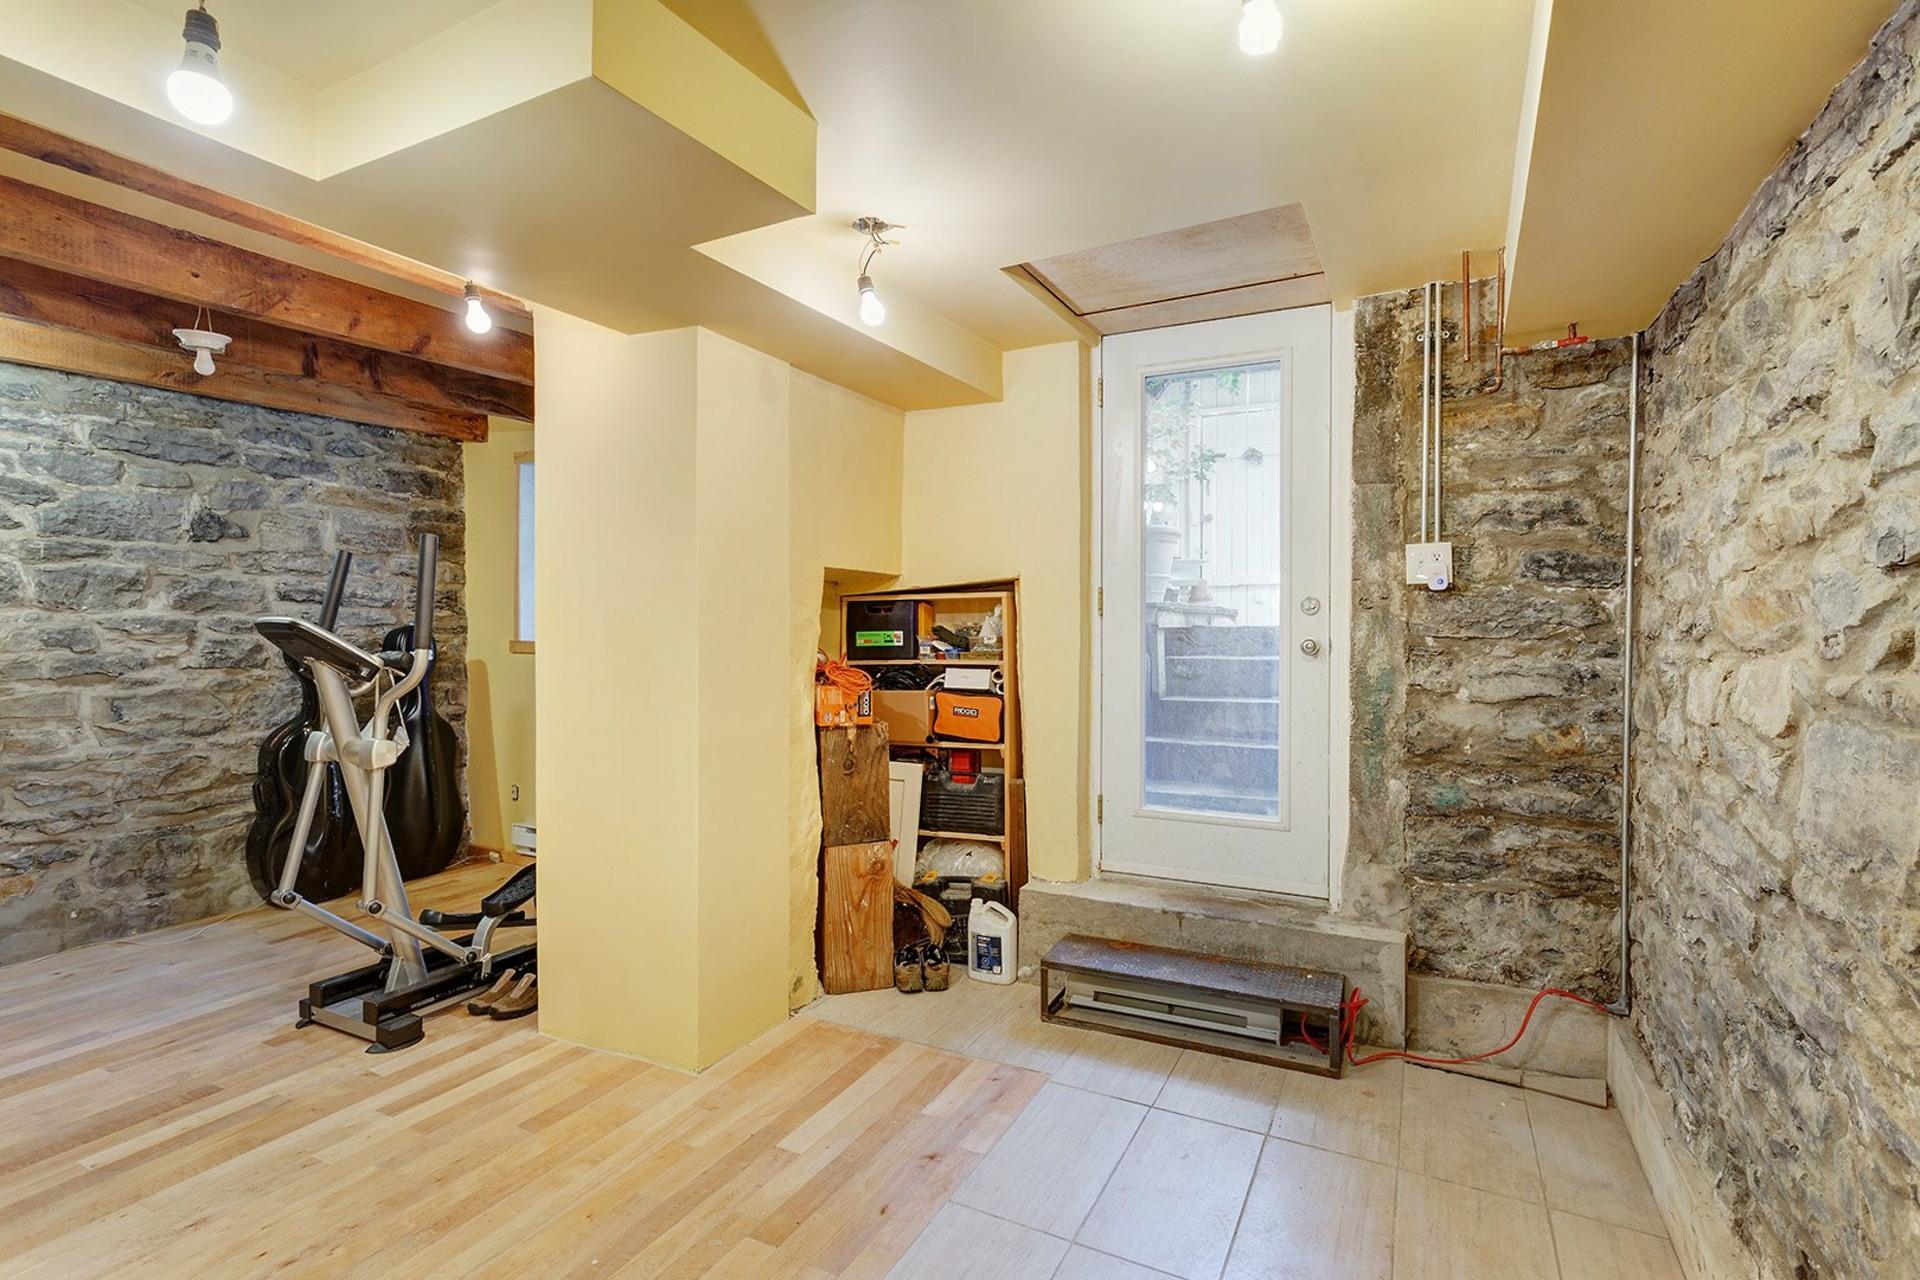 image 34 - Maison À vendre Le Plateau-Mont-Royal Montréal  - 14 pièces